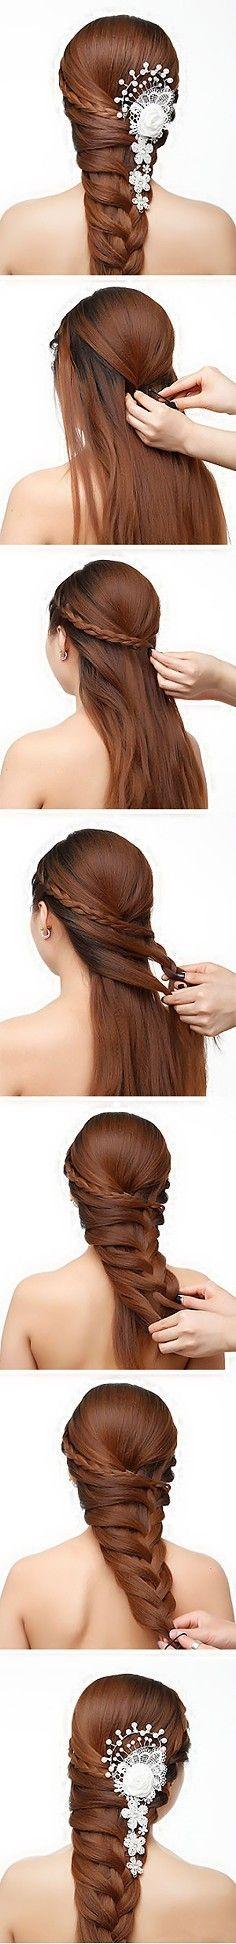 En colorin peluquerías los mejores peinados y trenzas para el regreso a clases | Peinados tony | Pinterest